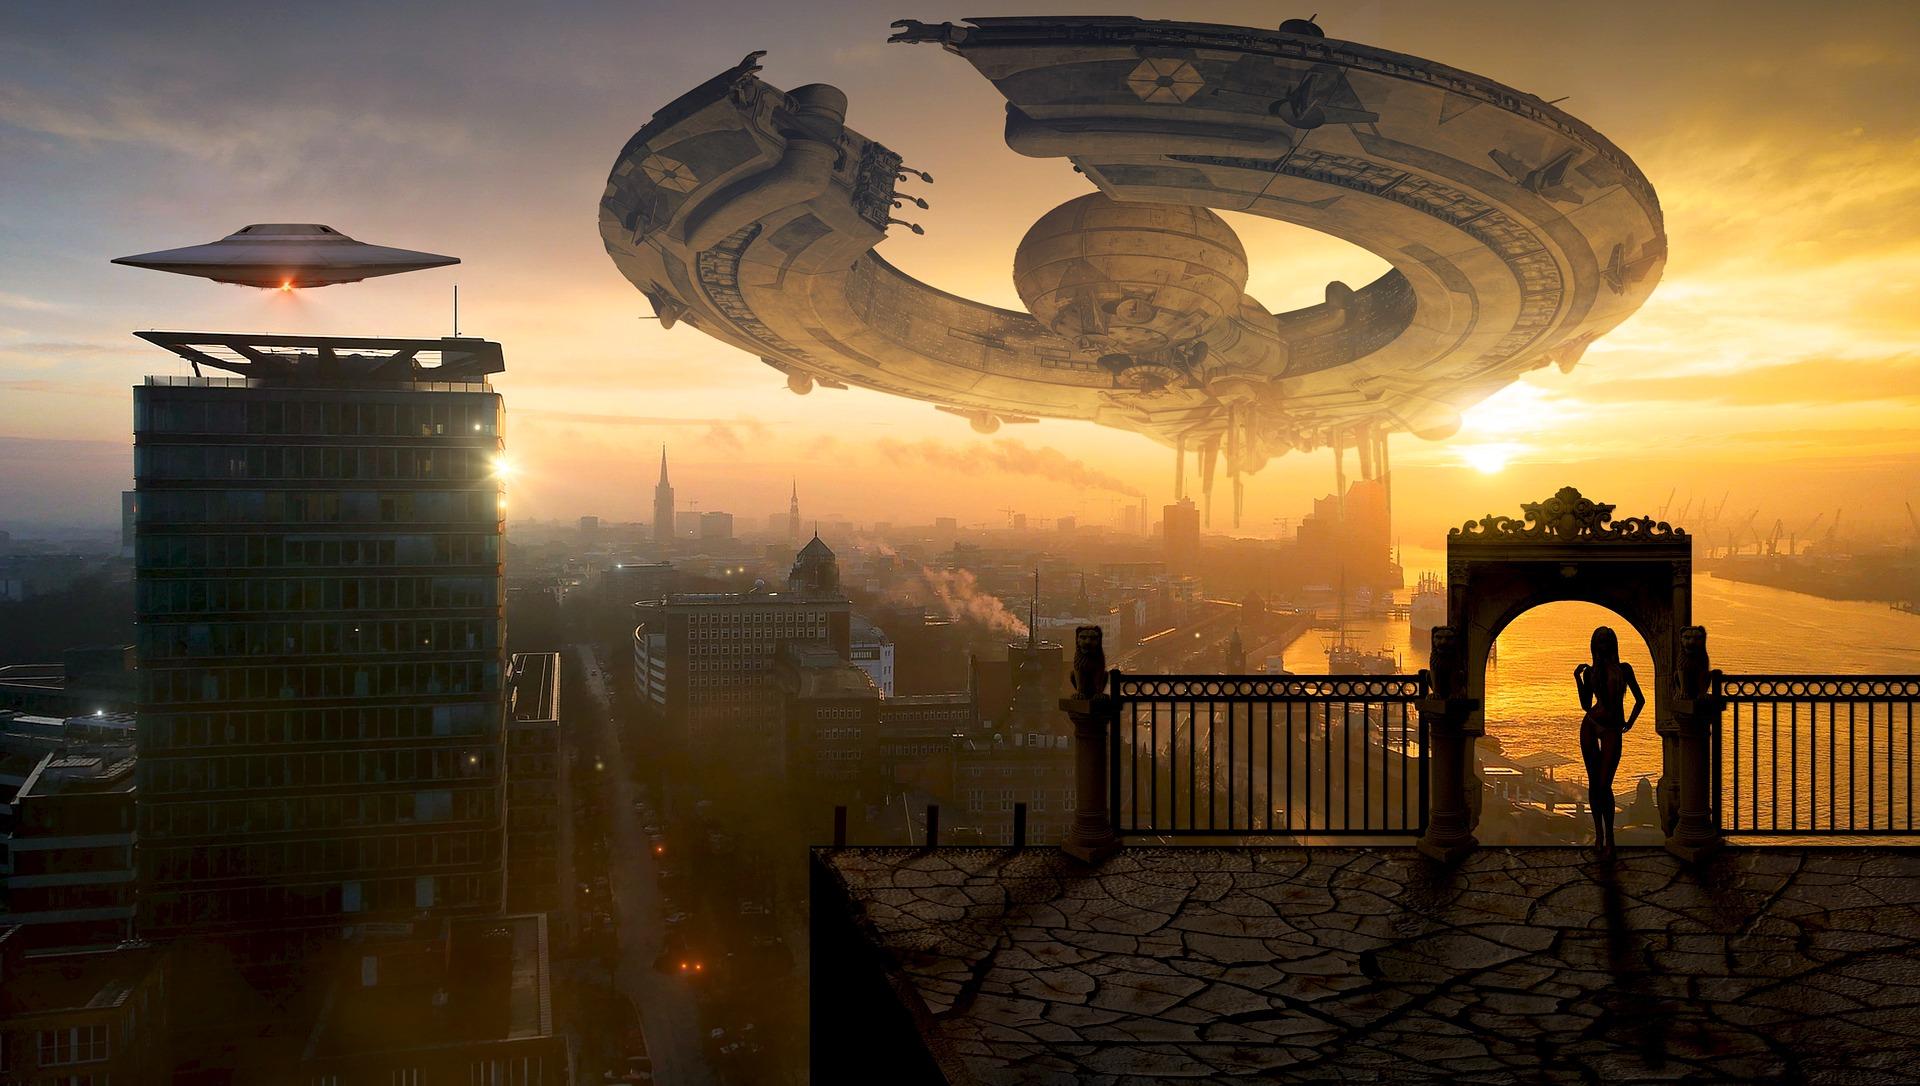 Ligny-en-Barrois-en-Barrois dans le futur |